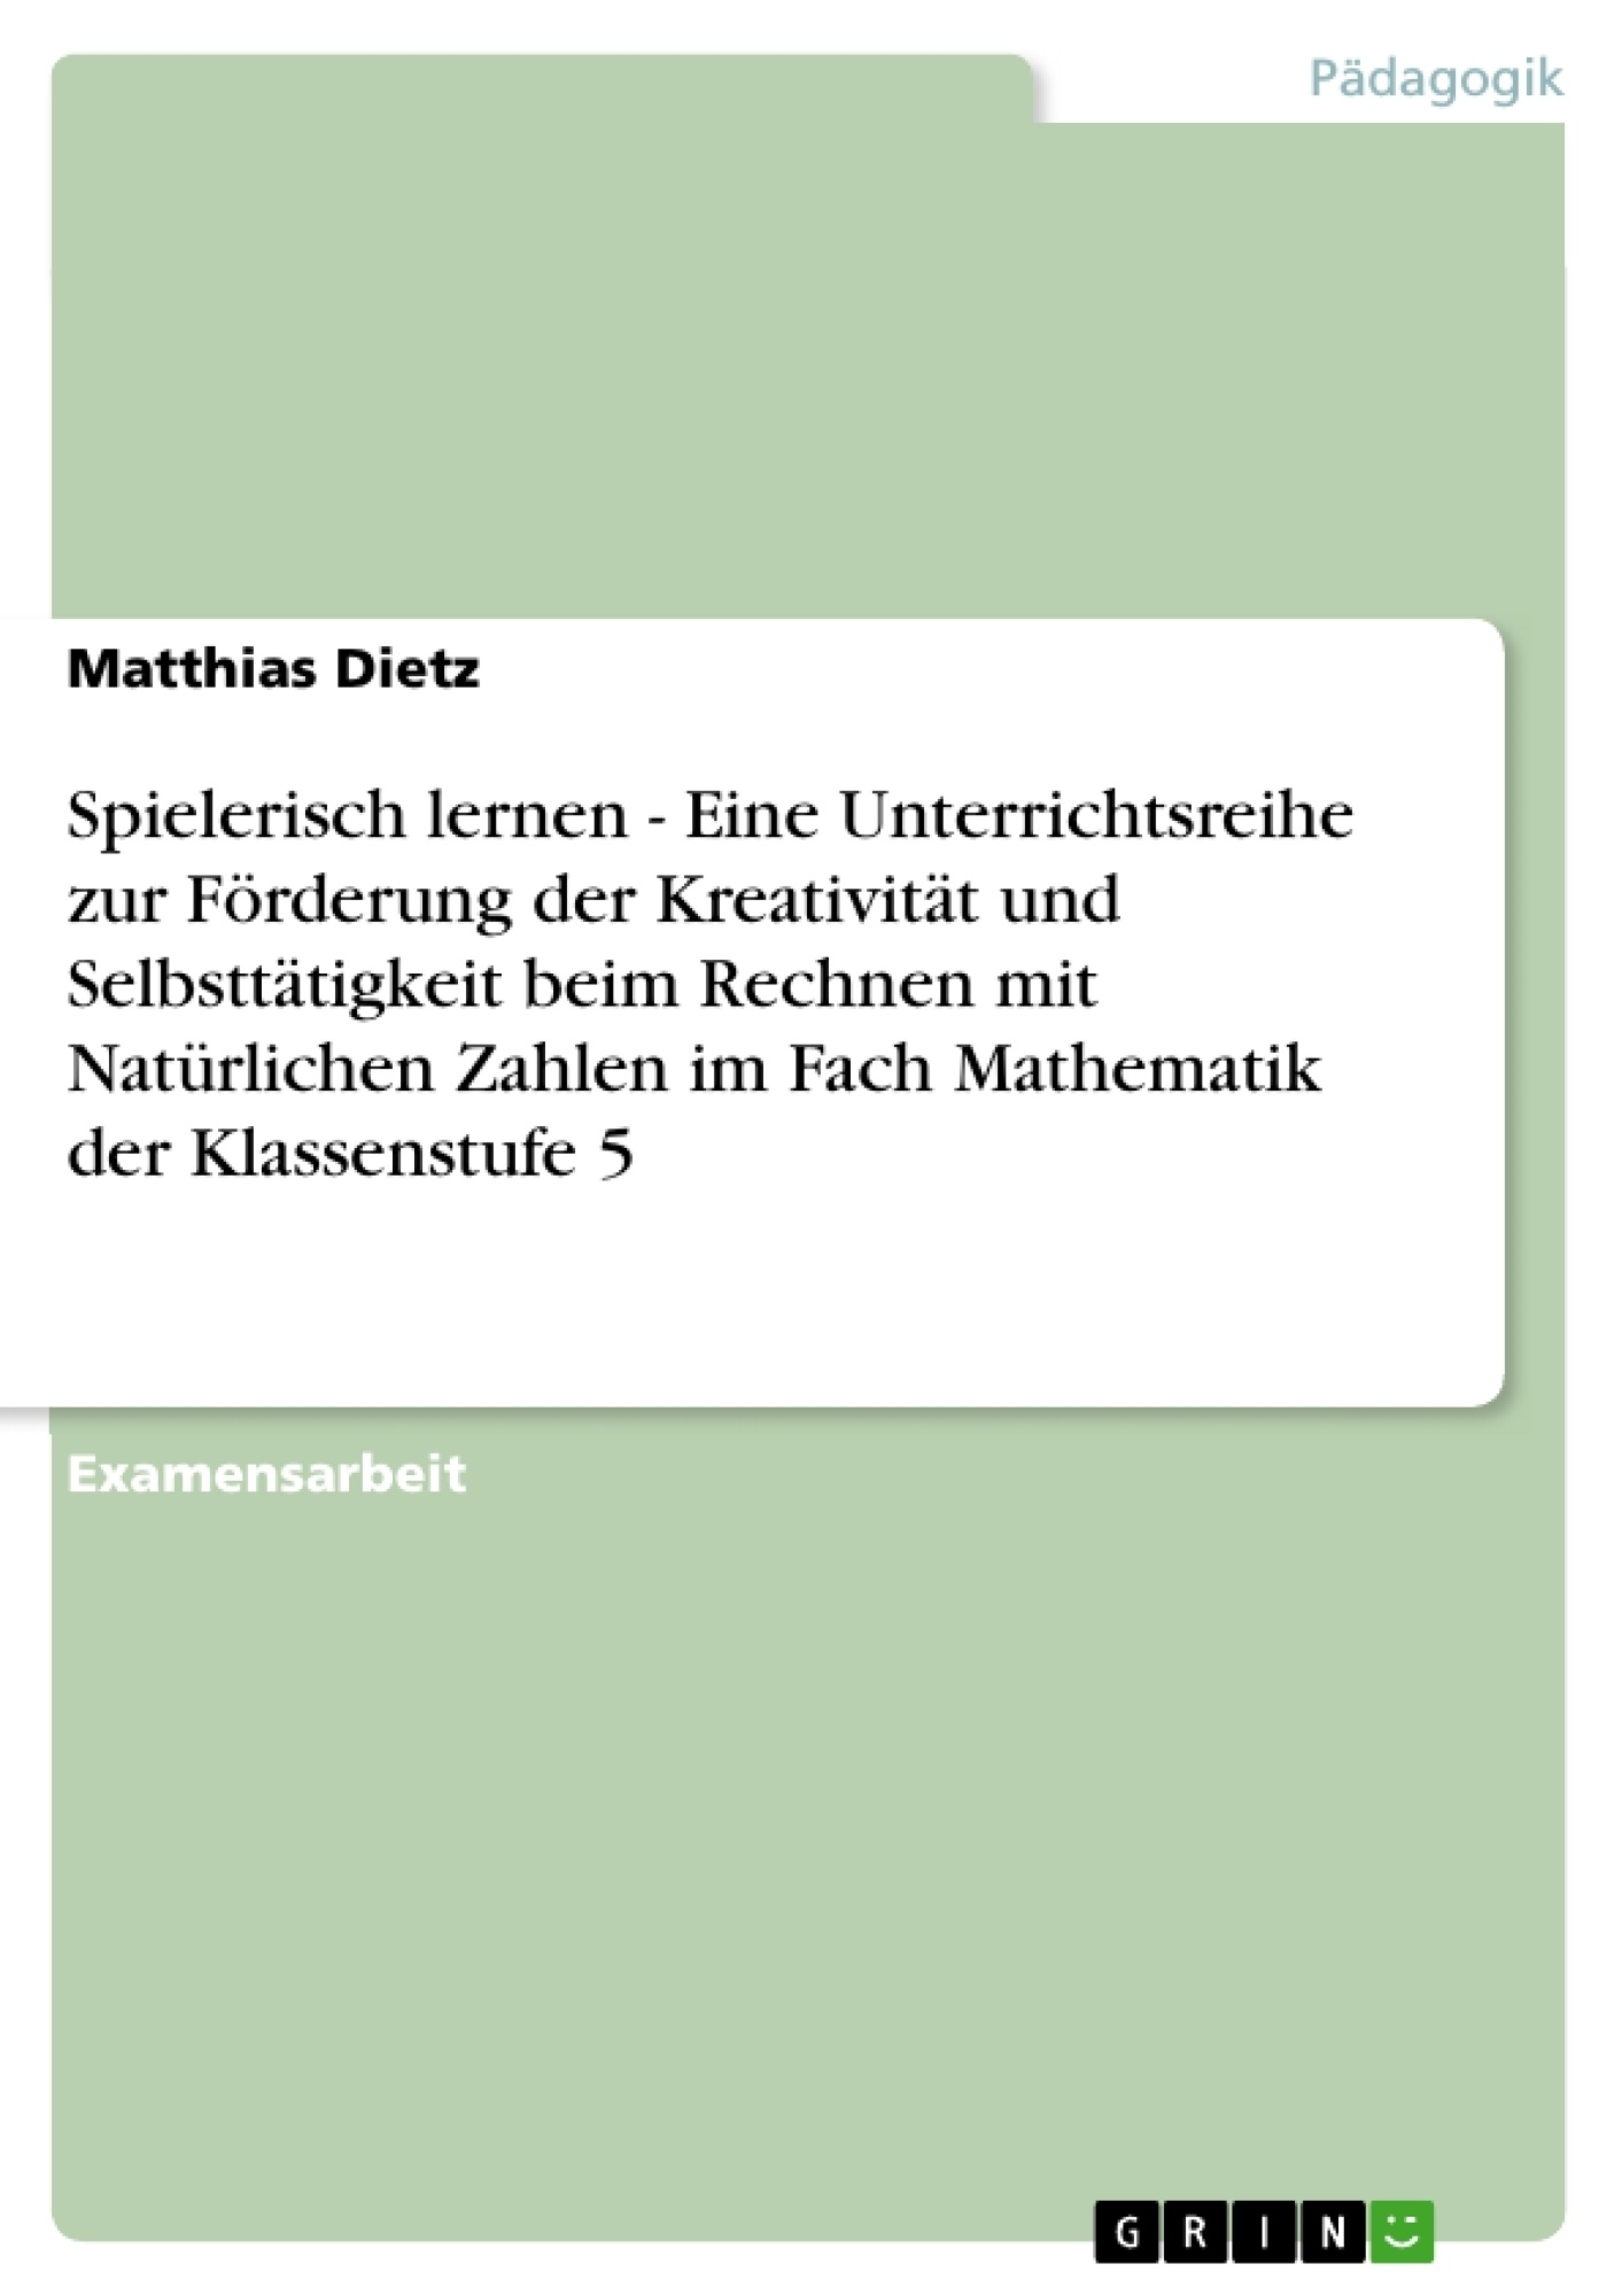 Titel: Spielerisch lernen - Eine Unterrichtsreihe zur Förderung der Kreativität und Selbsttätigkeit beim Rechnen mit Natürlichen Zahlen im Fach Mathematik der Klassenstufe 5